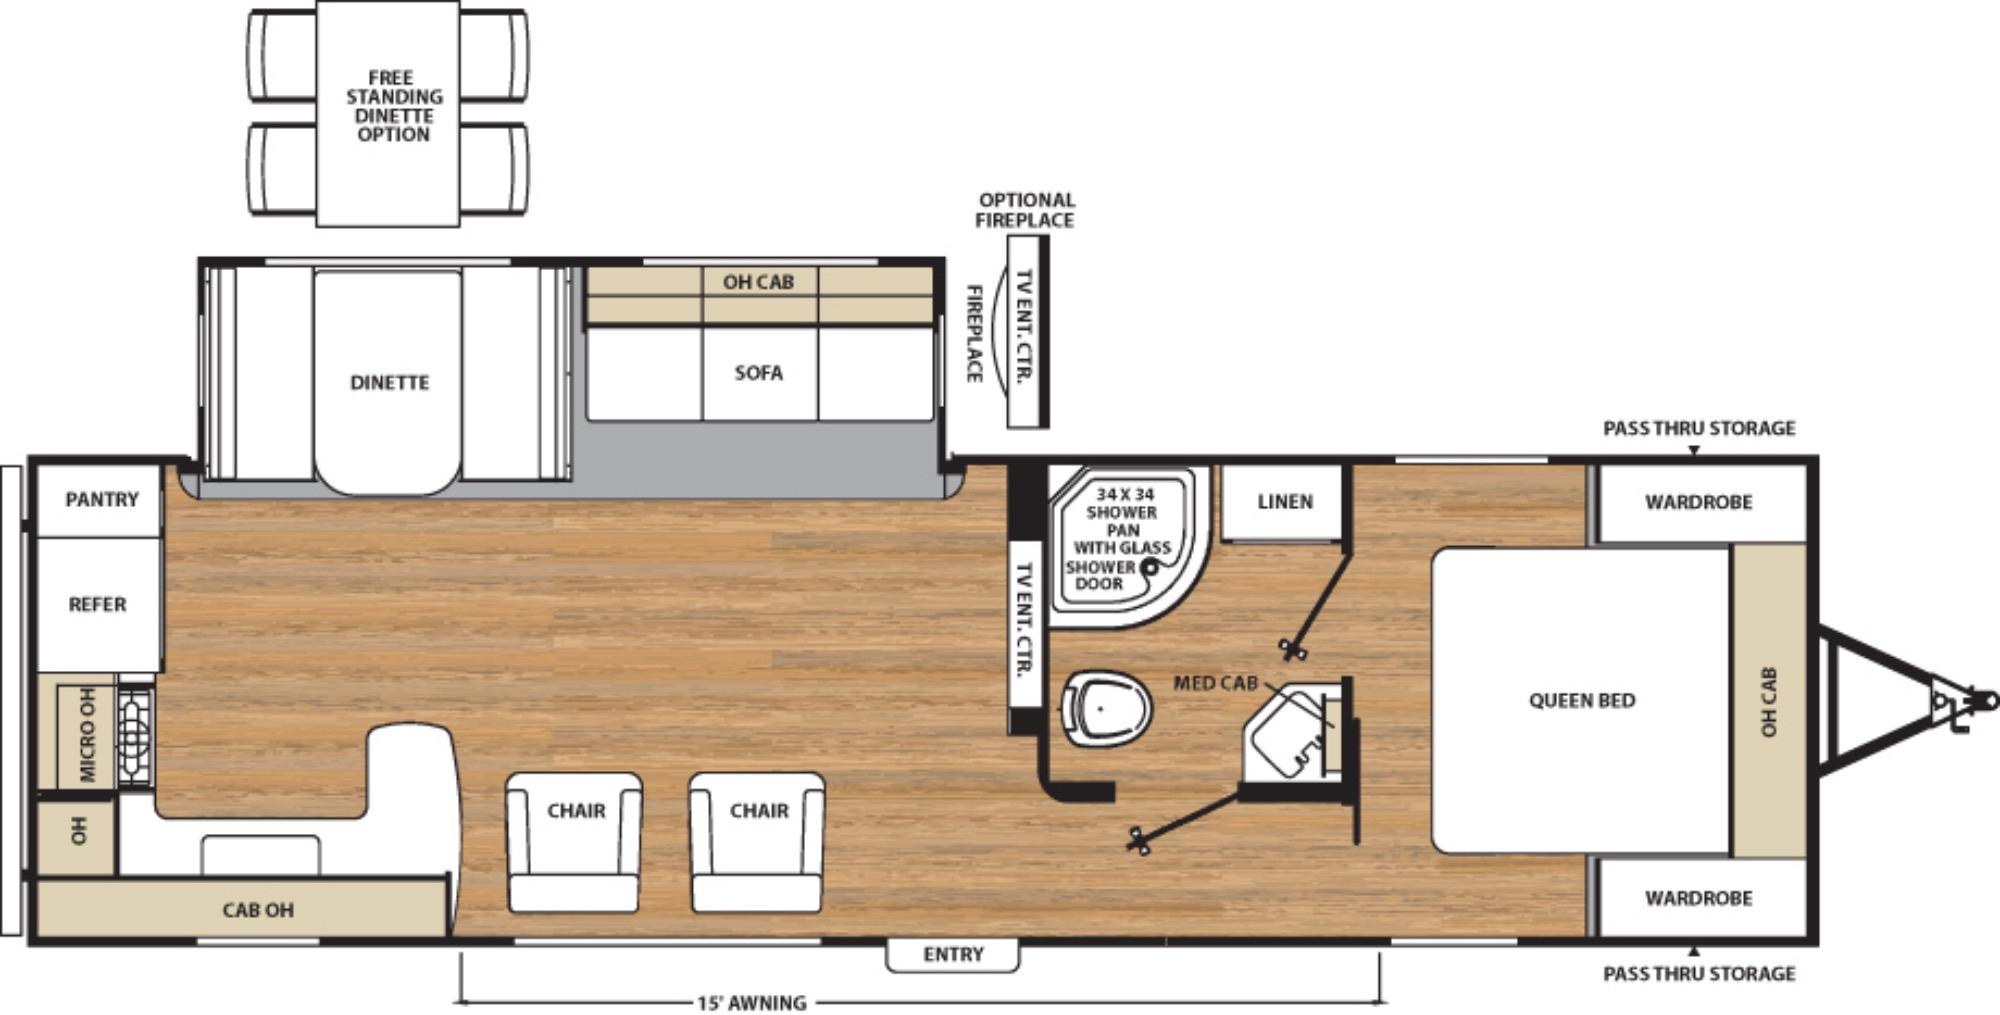 View Floor Plan for 2017 COACHMEN CATALINA 283RKS